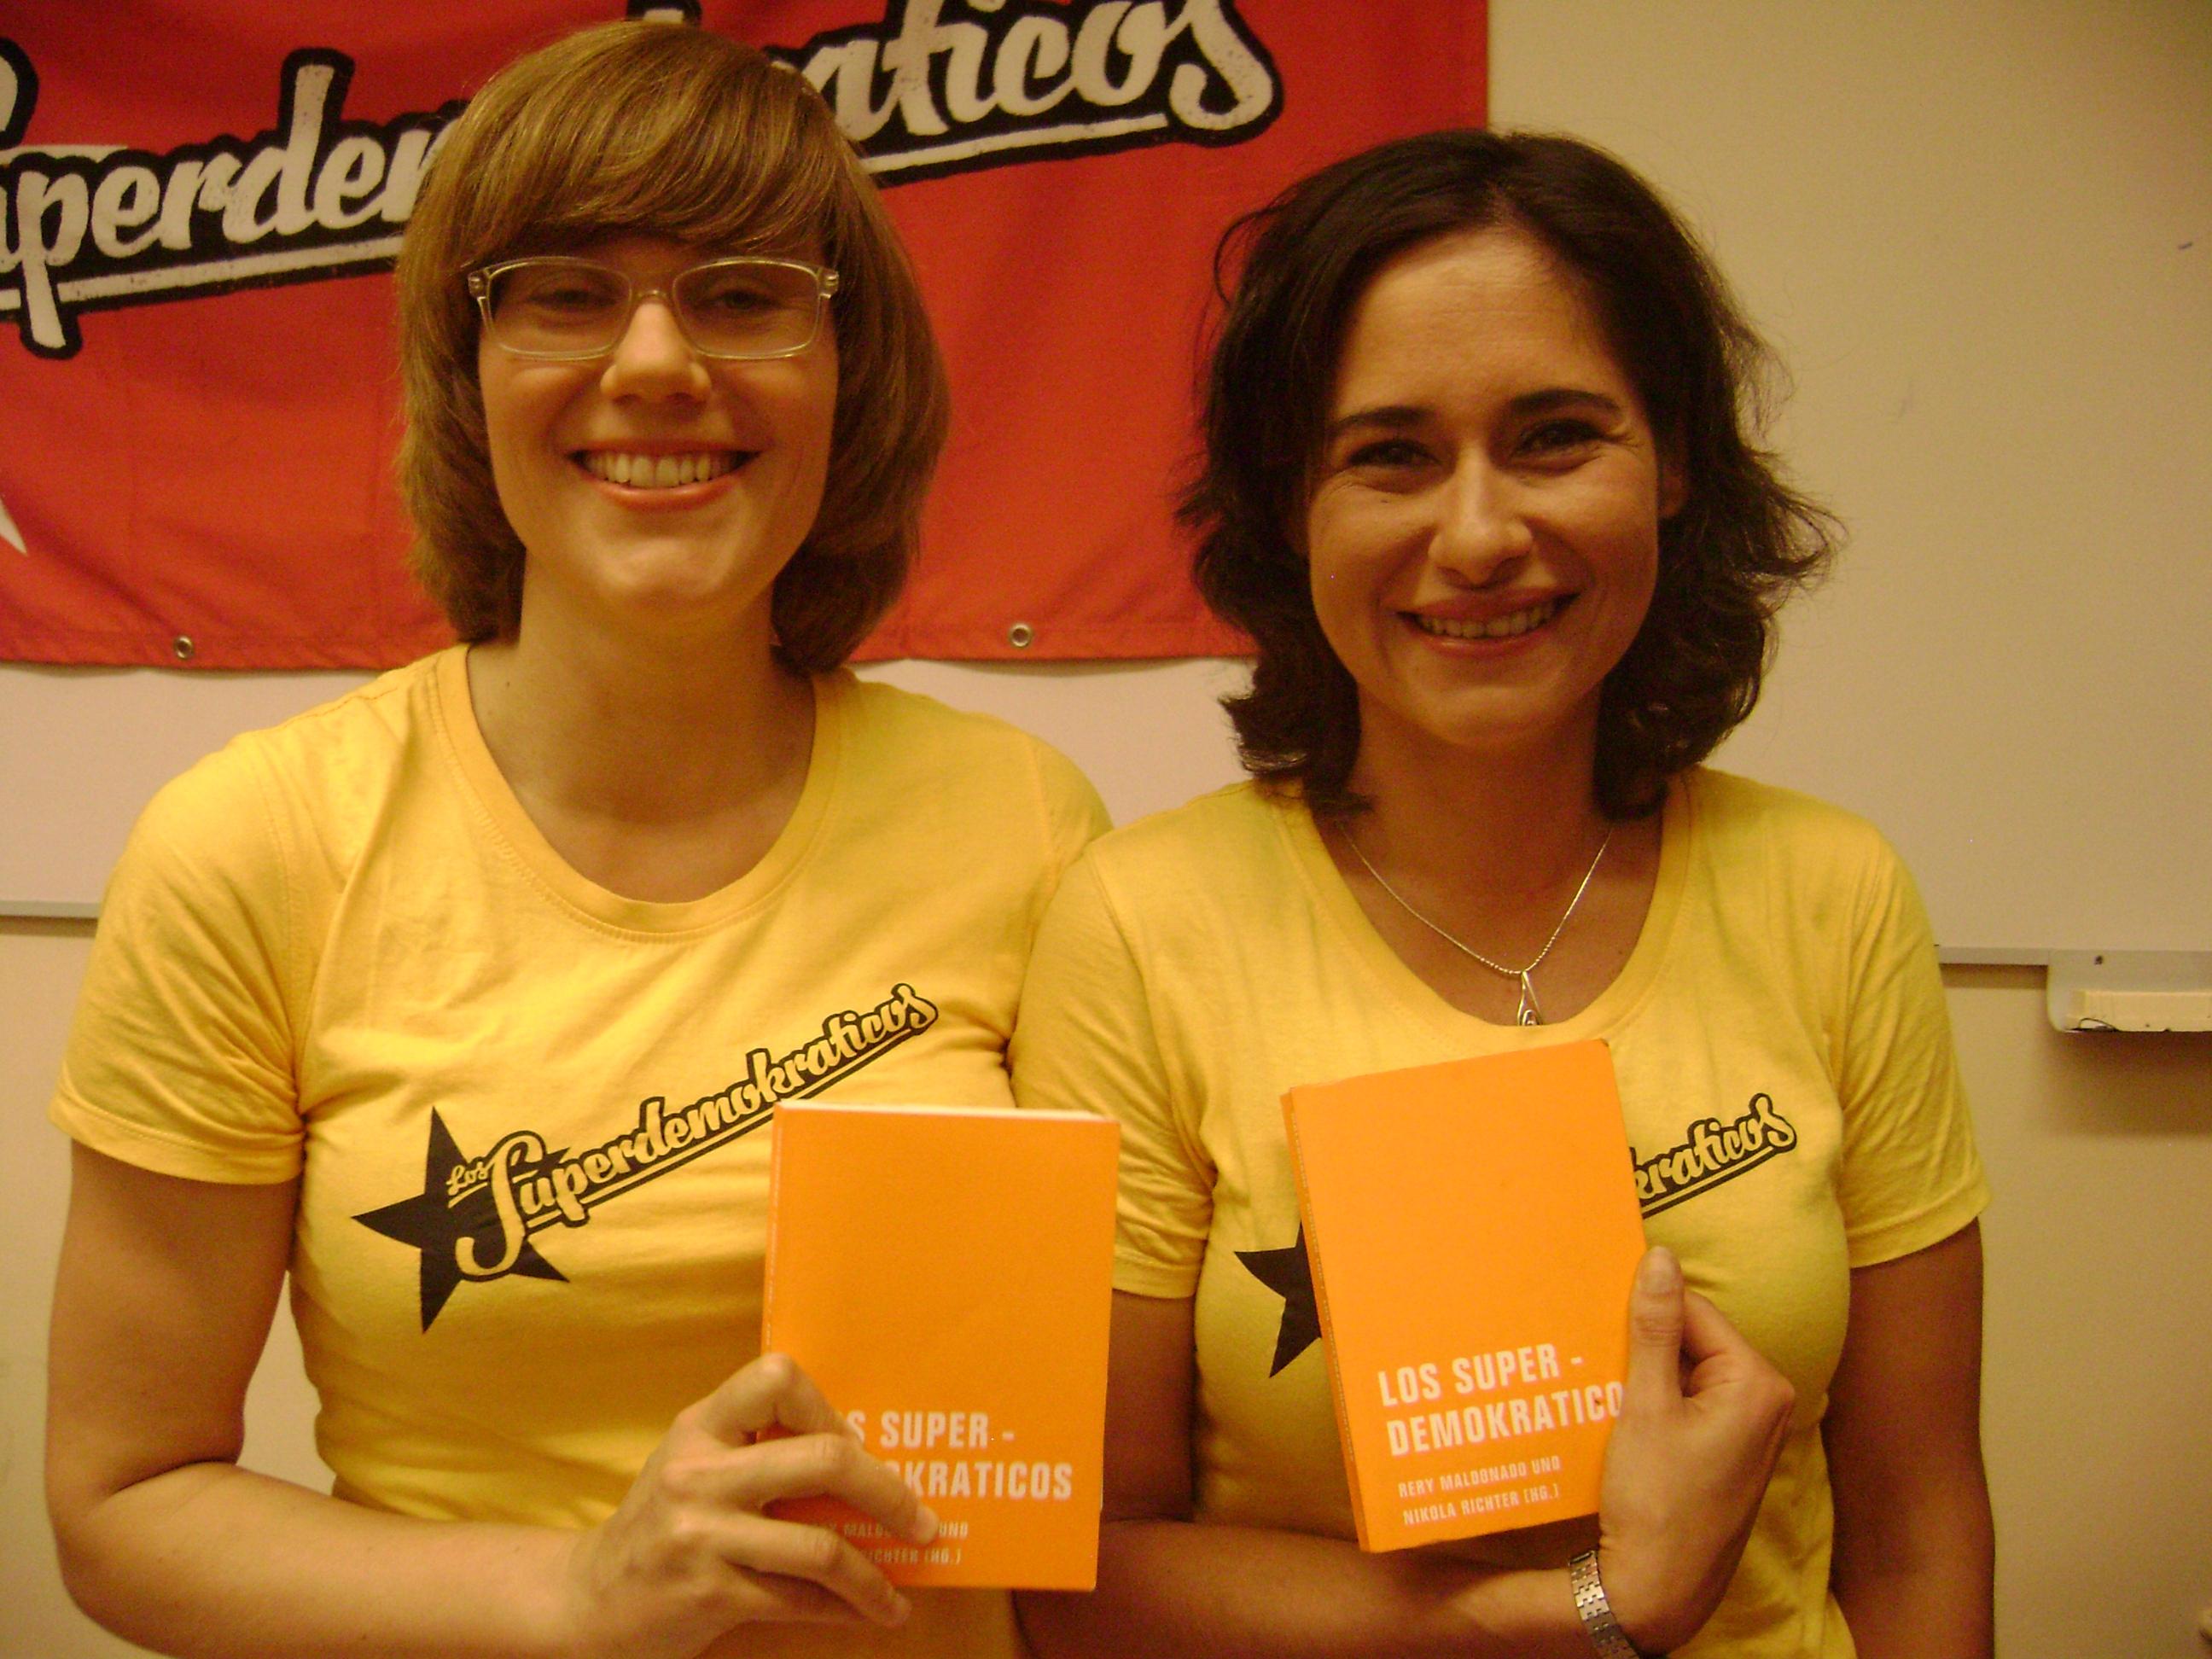 A német szerzőpáros: balra Nikola Richter, jobbra Rery Maldonado